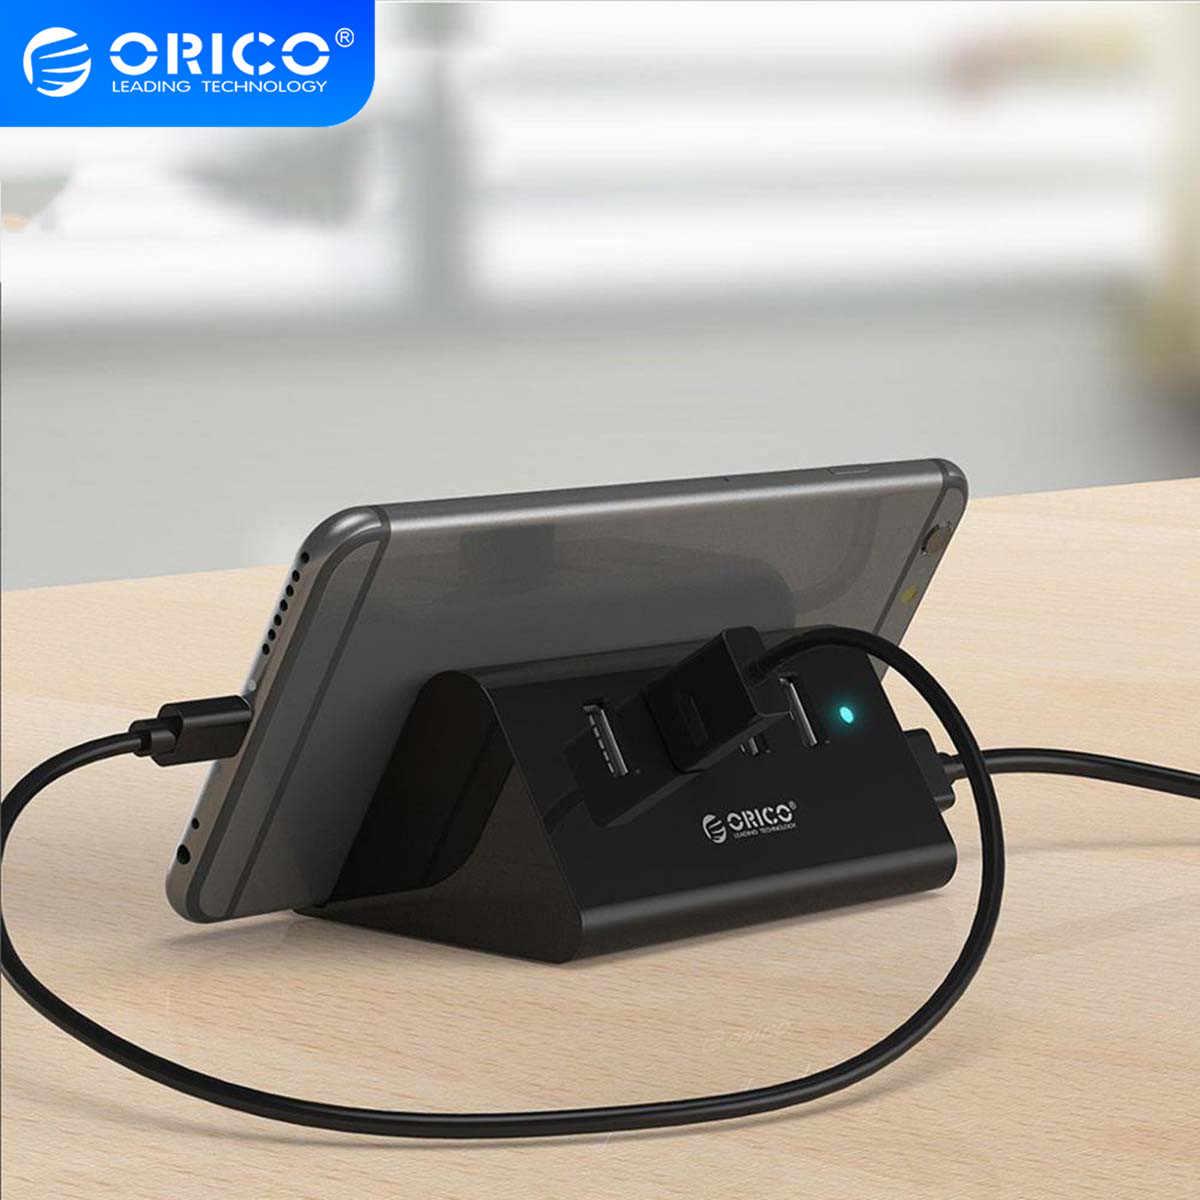 ORICO USB HUB yüksek hızlı Mini 4 port USB2.0/USB3.0 HUB ile masaüstü Laptop için telefon ve Tablet tutucu-Siyah/beyaz (SHC)